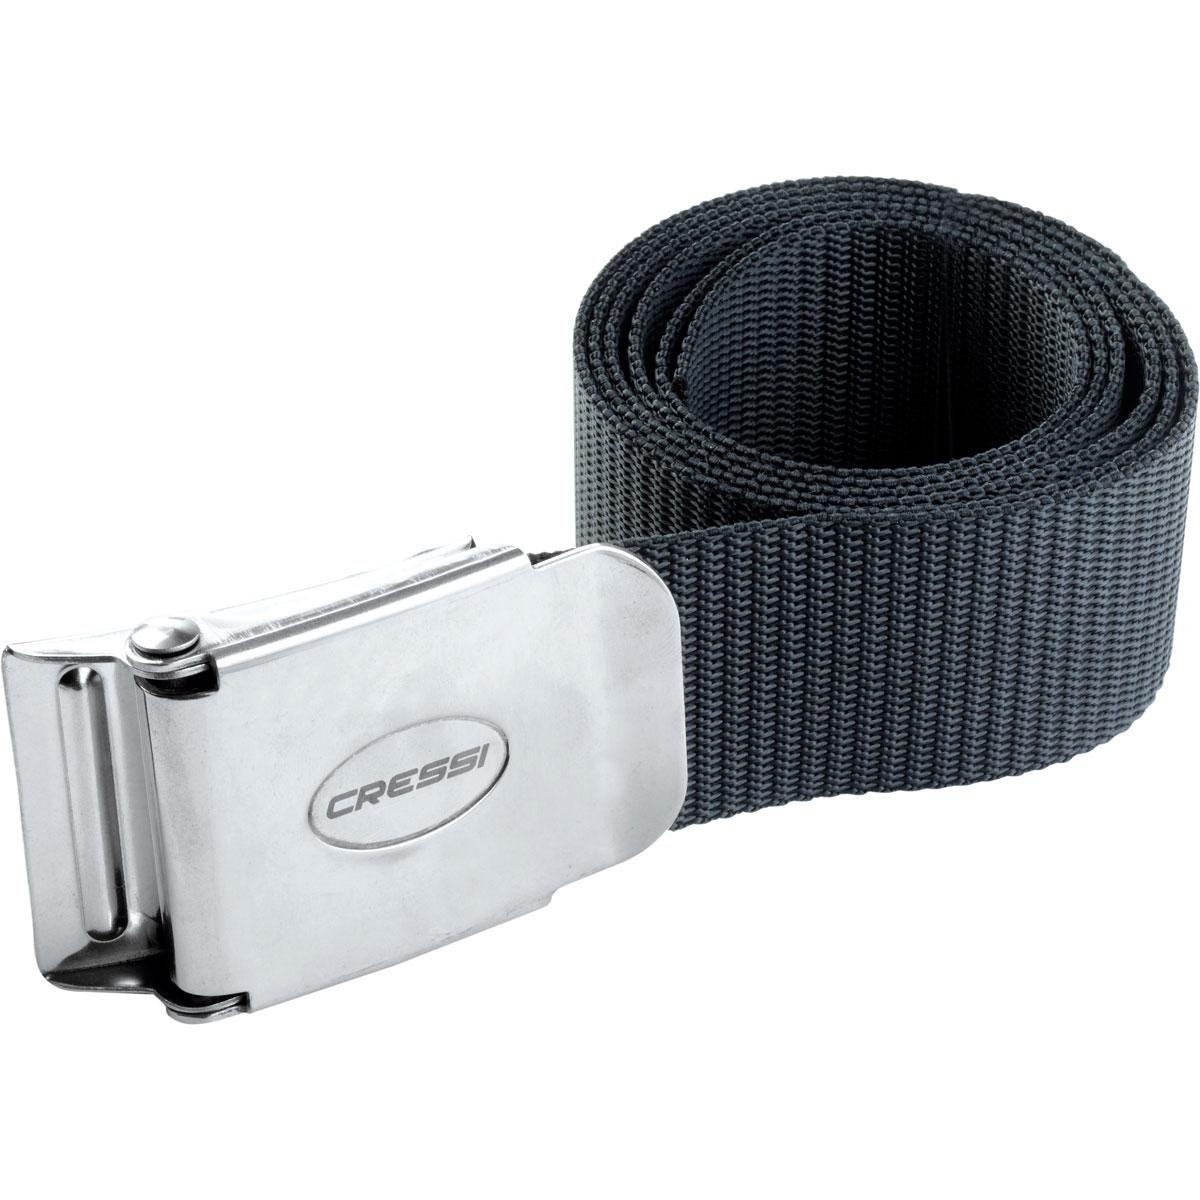 Cressi Weight Belt Black